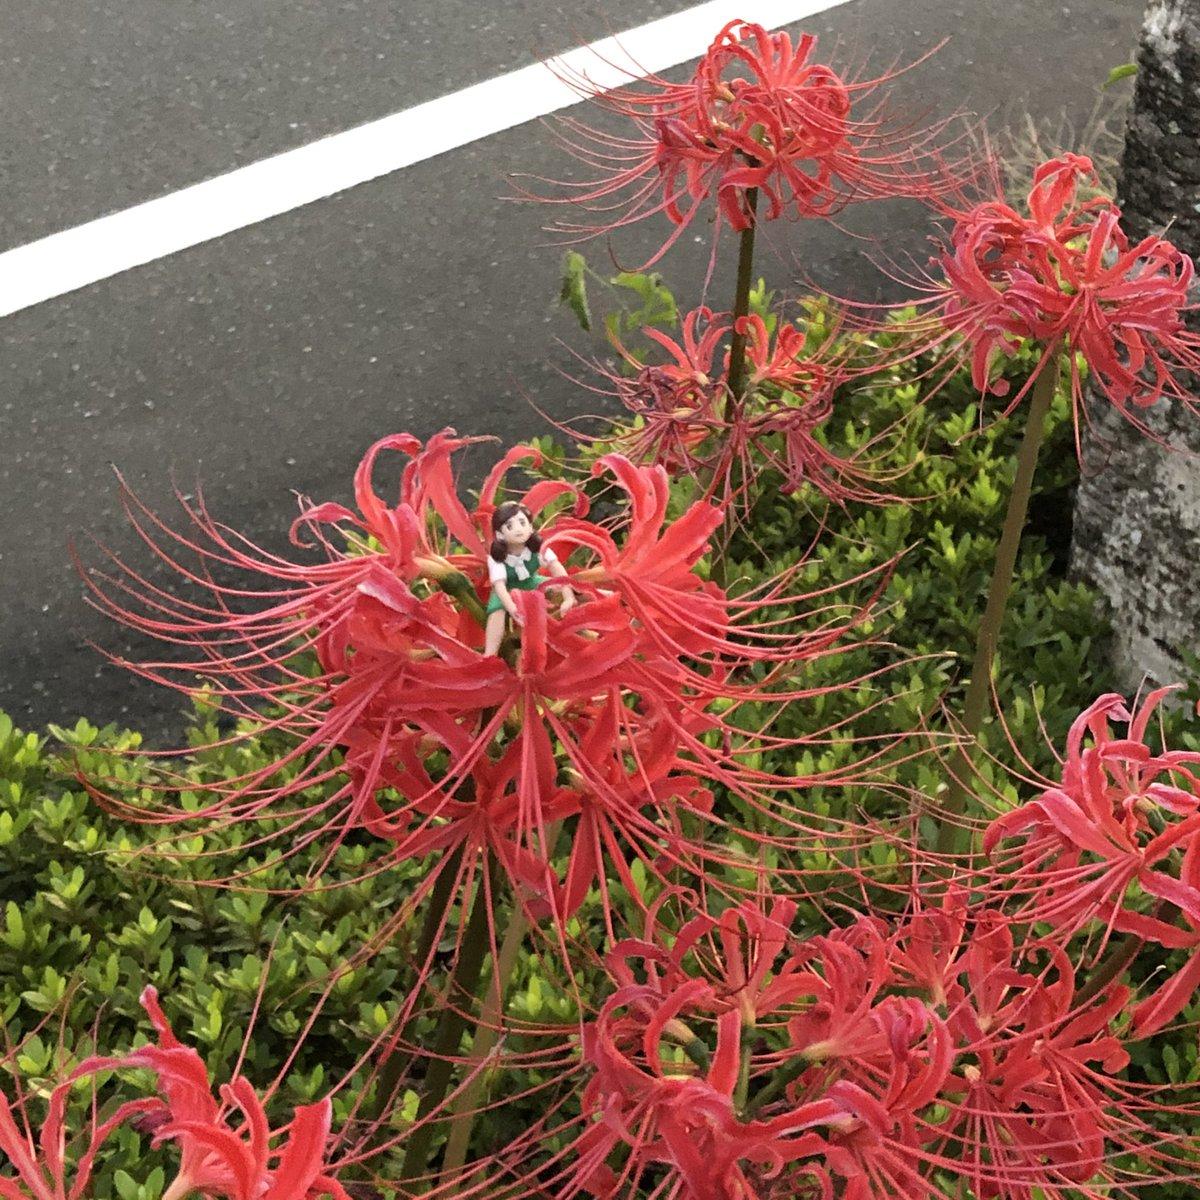 実家の前の道路の植え込みの中に咲いている彼岸花 今年も咲いていた! #彼岸花 #曼珠沙華 #フチ子 #fuchiko https://t.co/TbECur3892